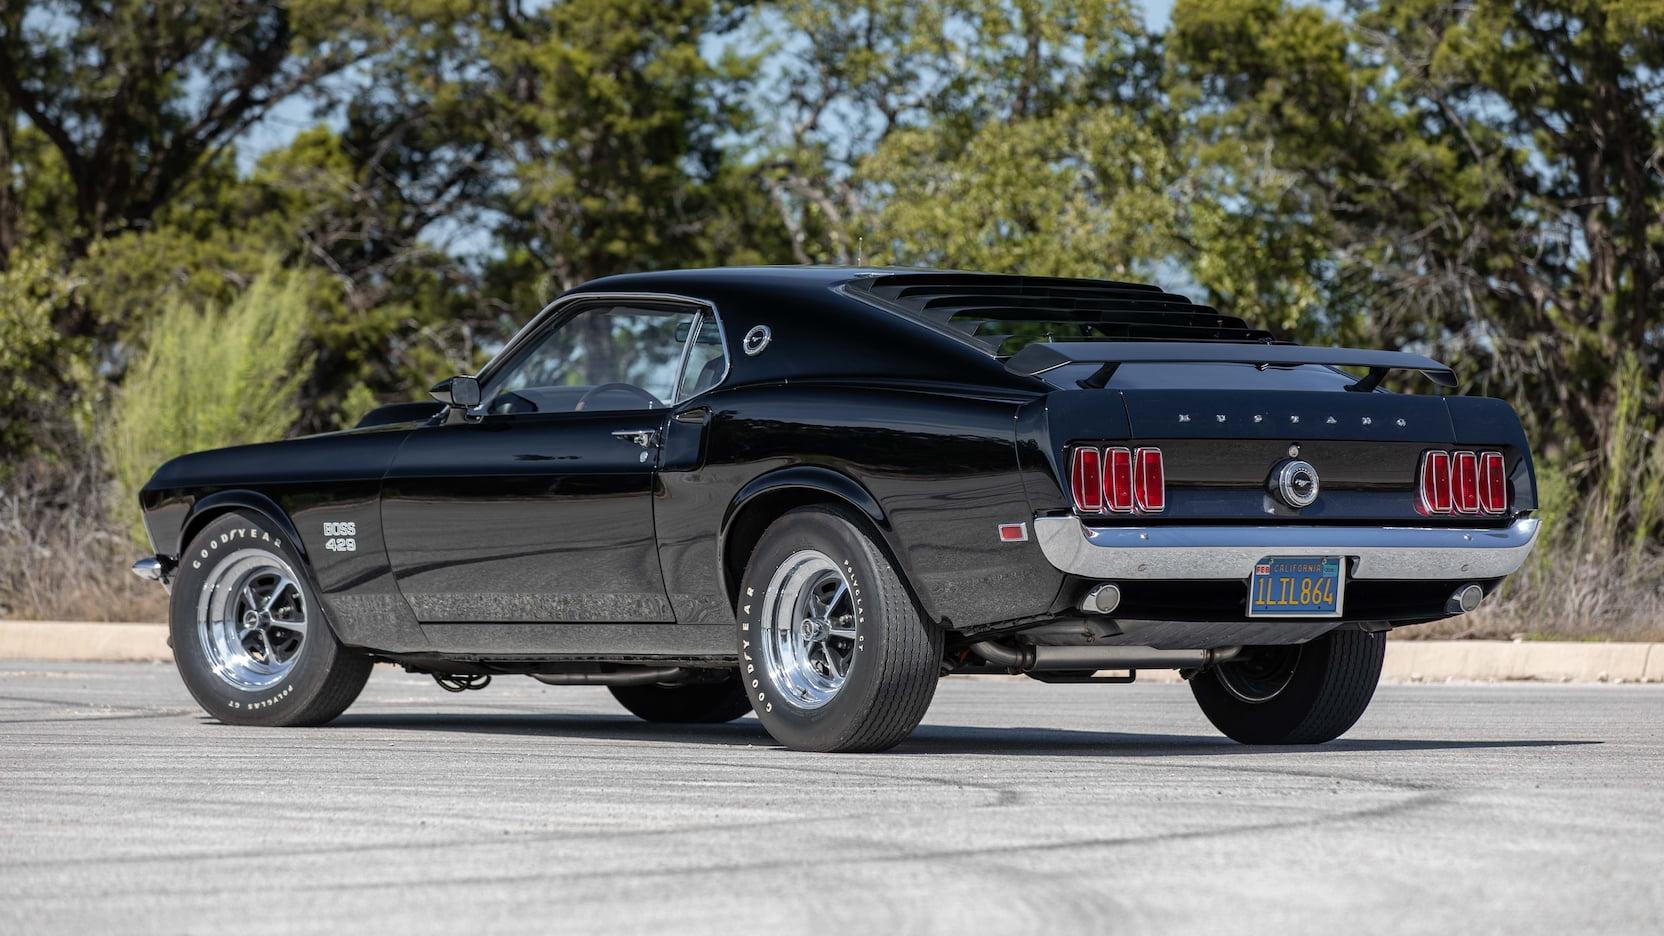 1969 Ford Mustang Boss 429 Fastback Rear Three-Quarter